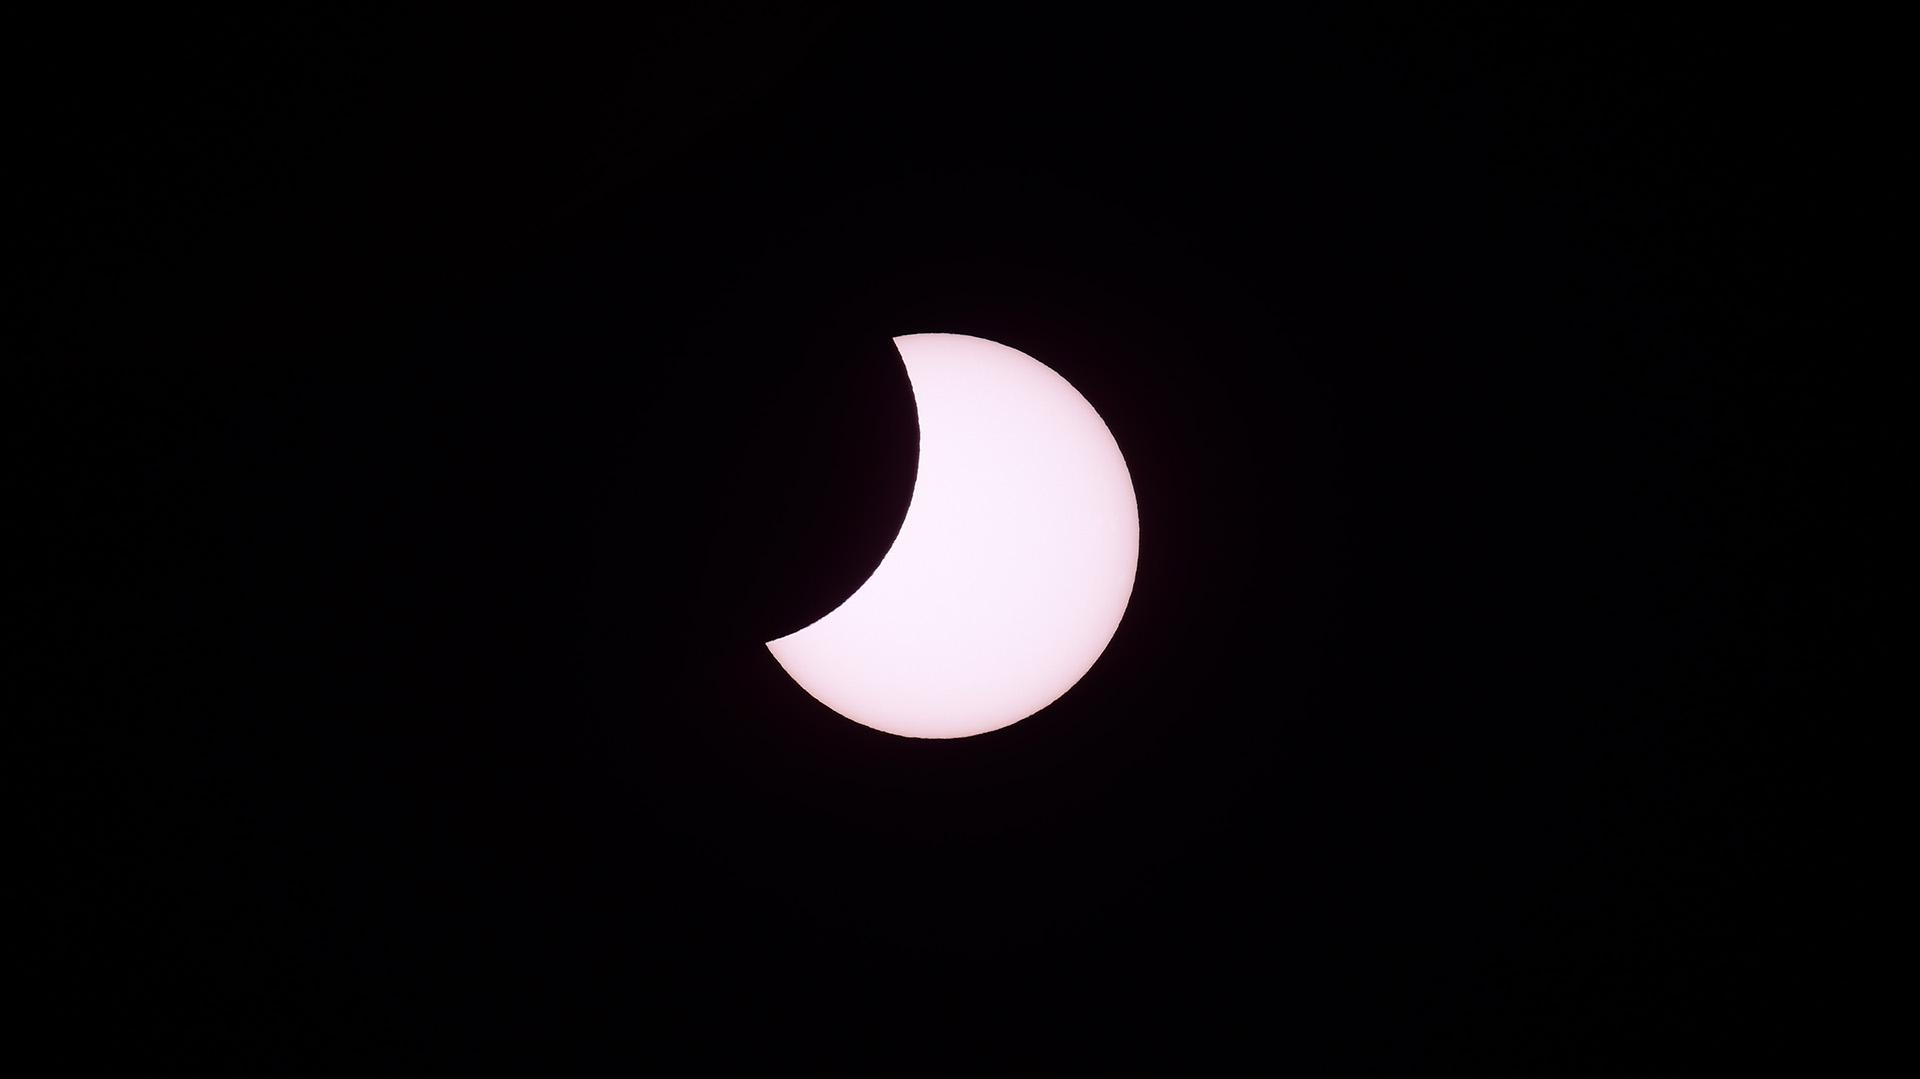 El eclipse se pudo ver desde otras provincias de la Argentina e incluso desde la Ciudad Autónoma de Buenos Aires